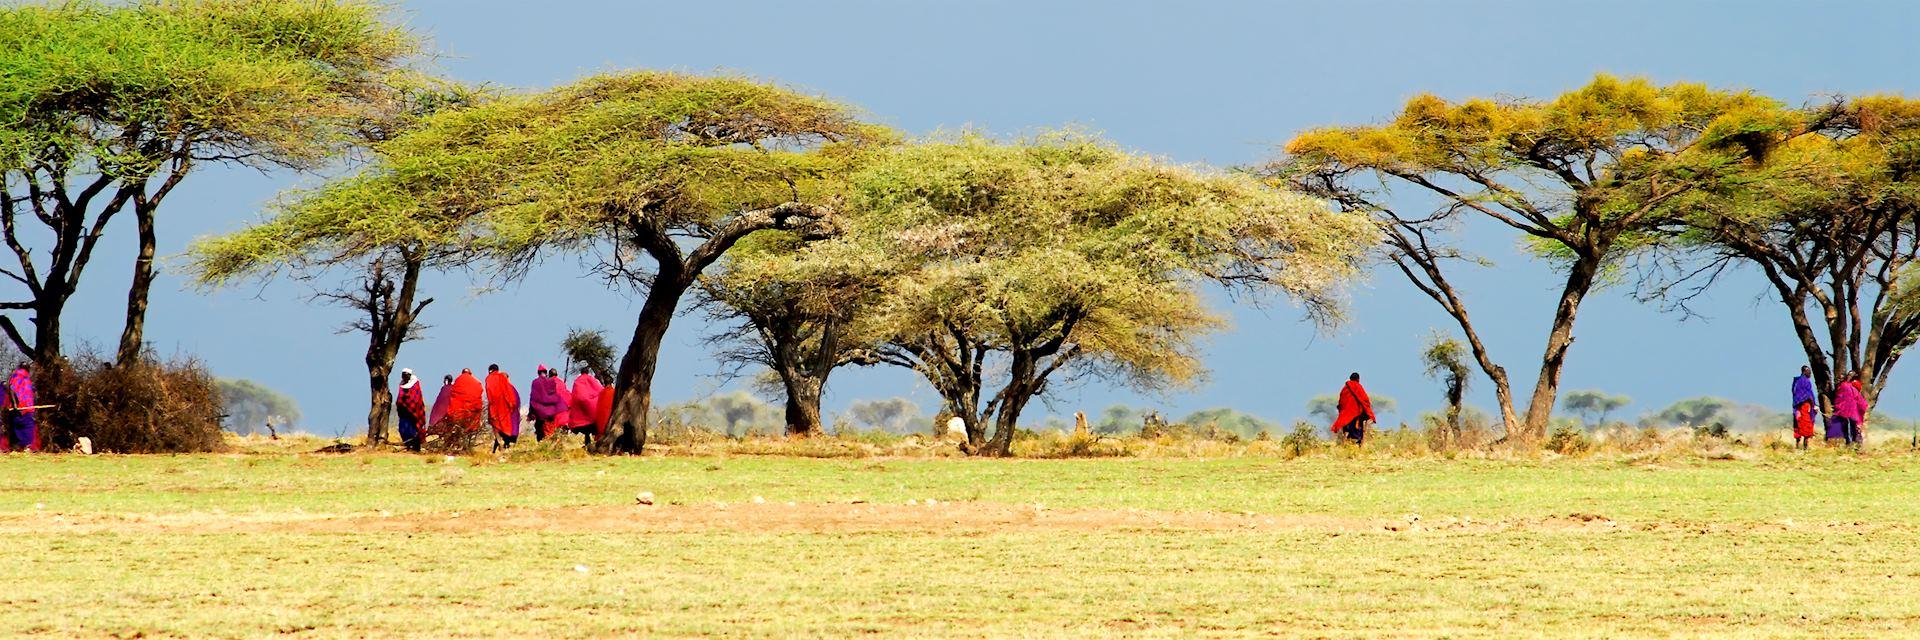 Massai in Tanzania